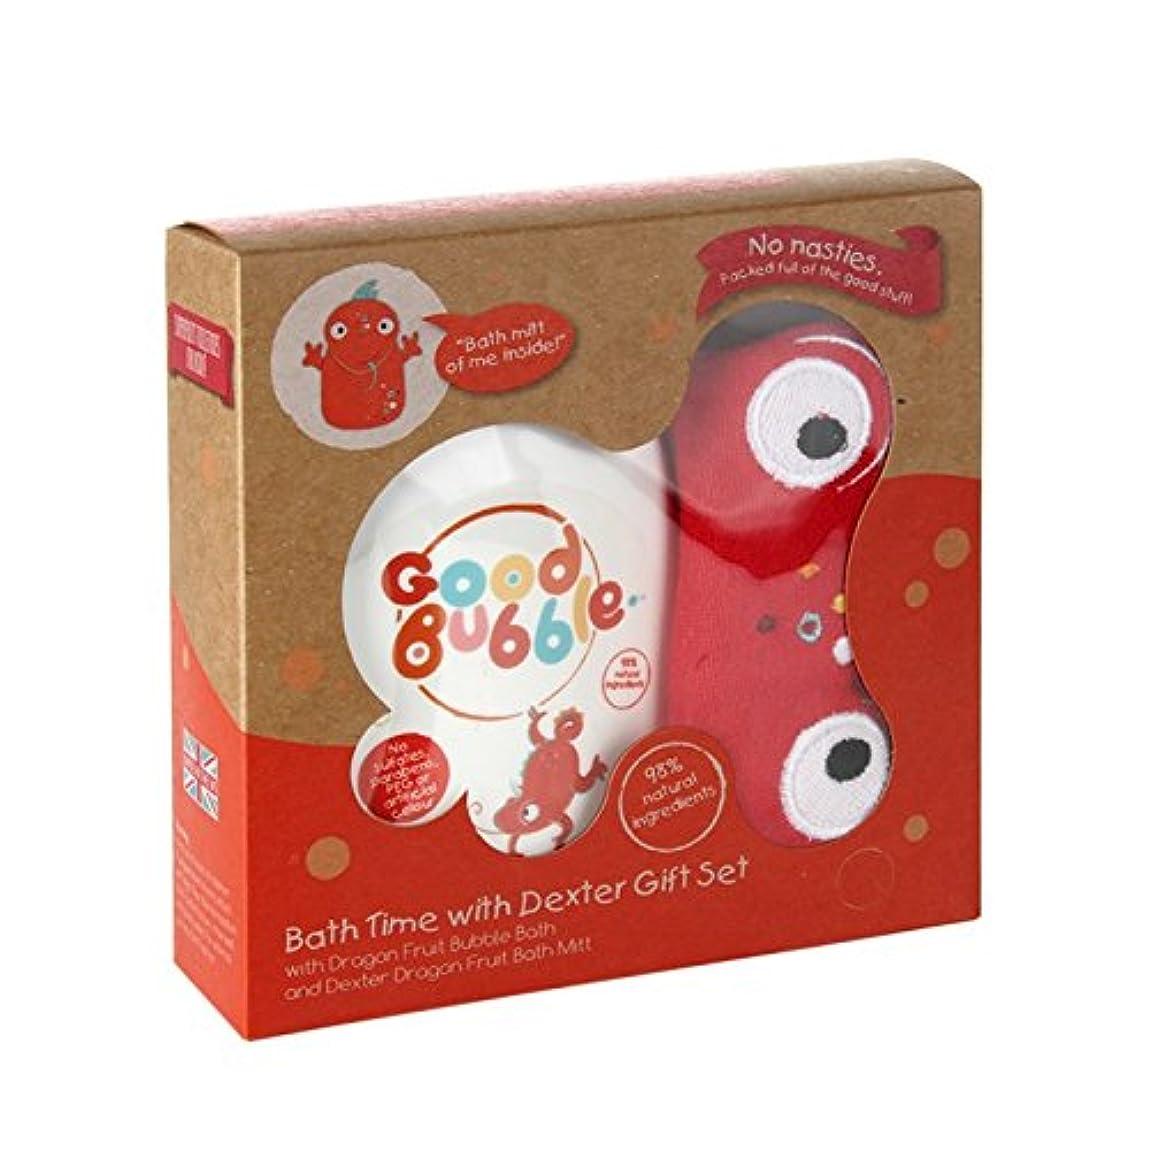 ありふれた剛性上陸Good Bubble Dexter Dragonfruit Gift Set 550g (Pack of 6) - 良いバブルデクスターDragonfruitギフトセット550グラム (x6) [並行輸入品]